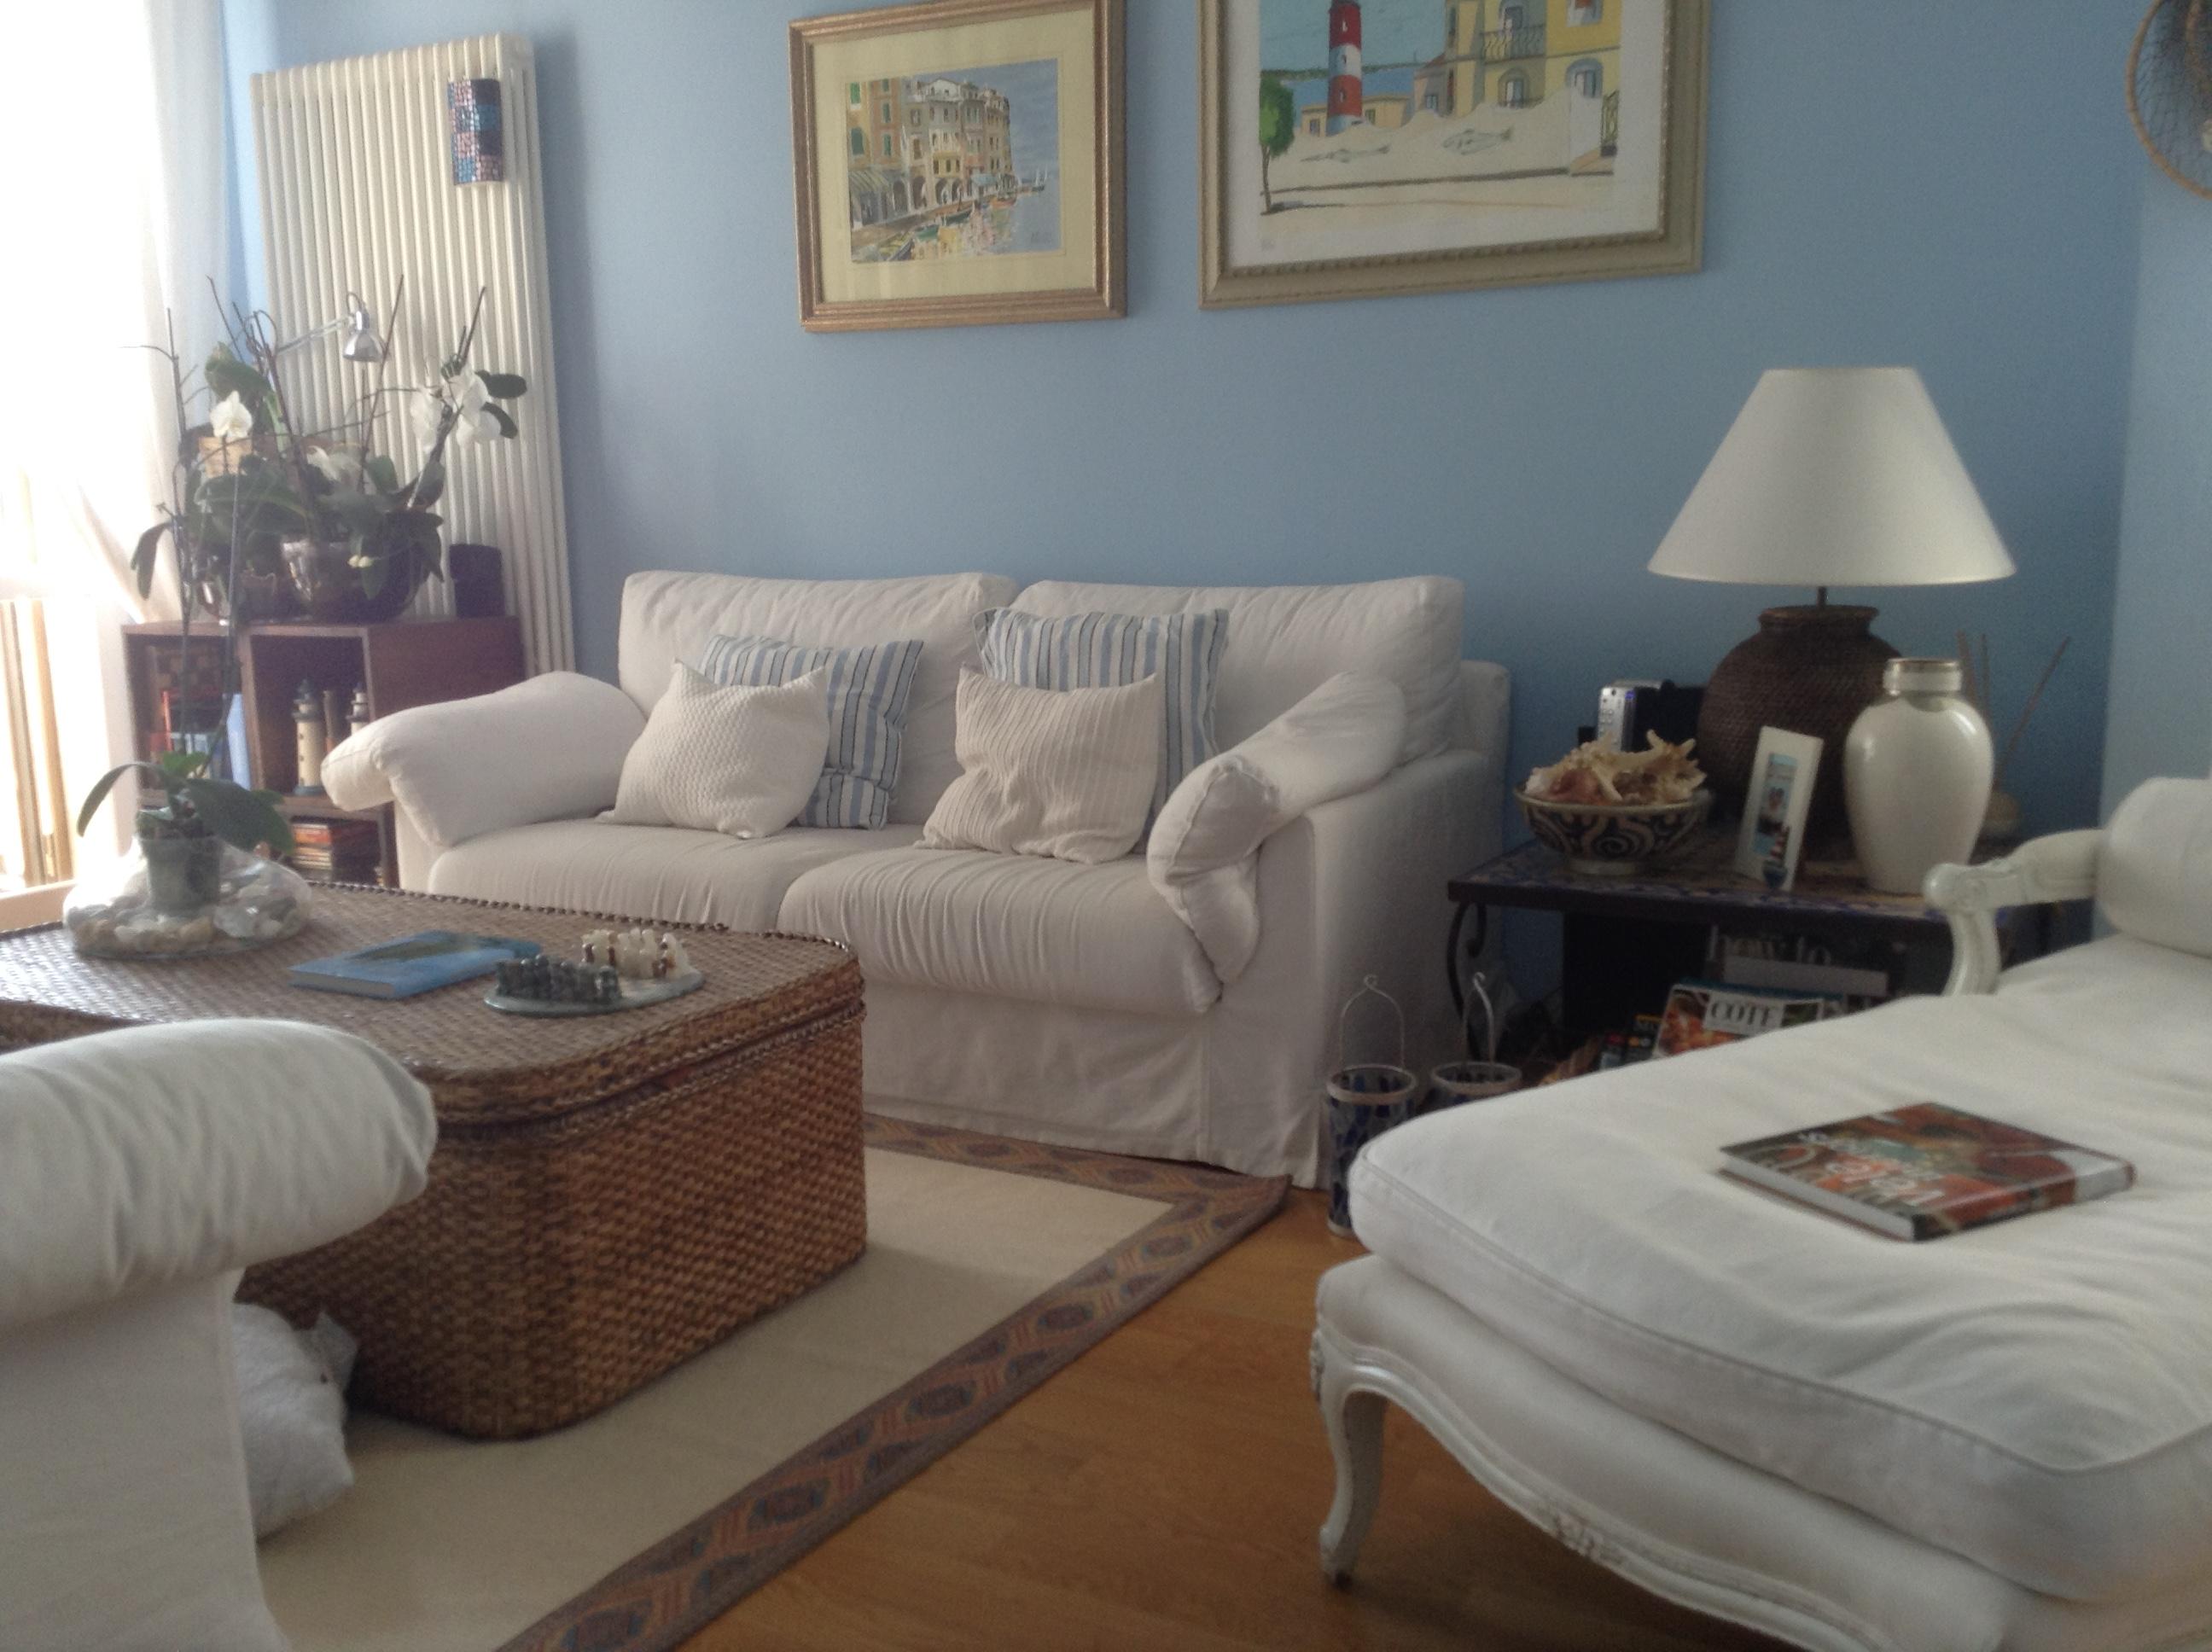 Magazine il piacere della casa vissanicasavissanicasa arredi su misura outlet mobili - Pavimenti per casa al mare ...